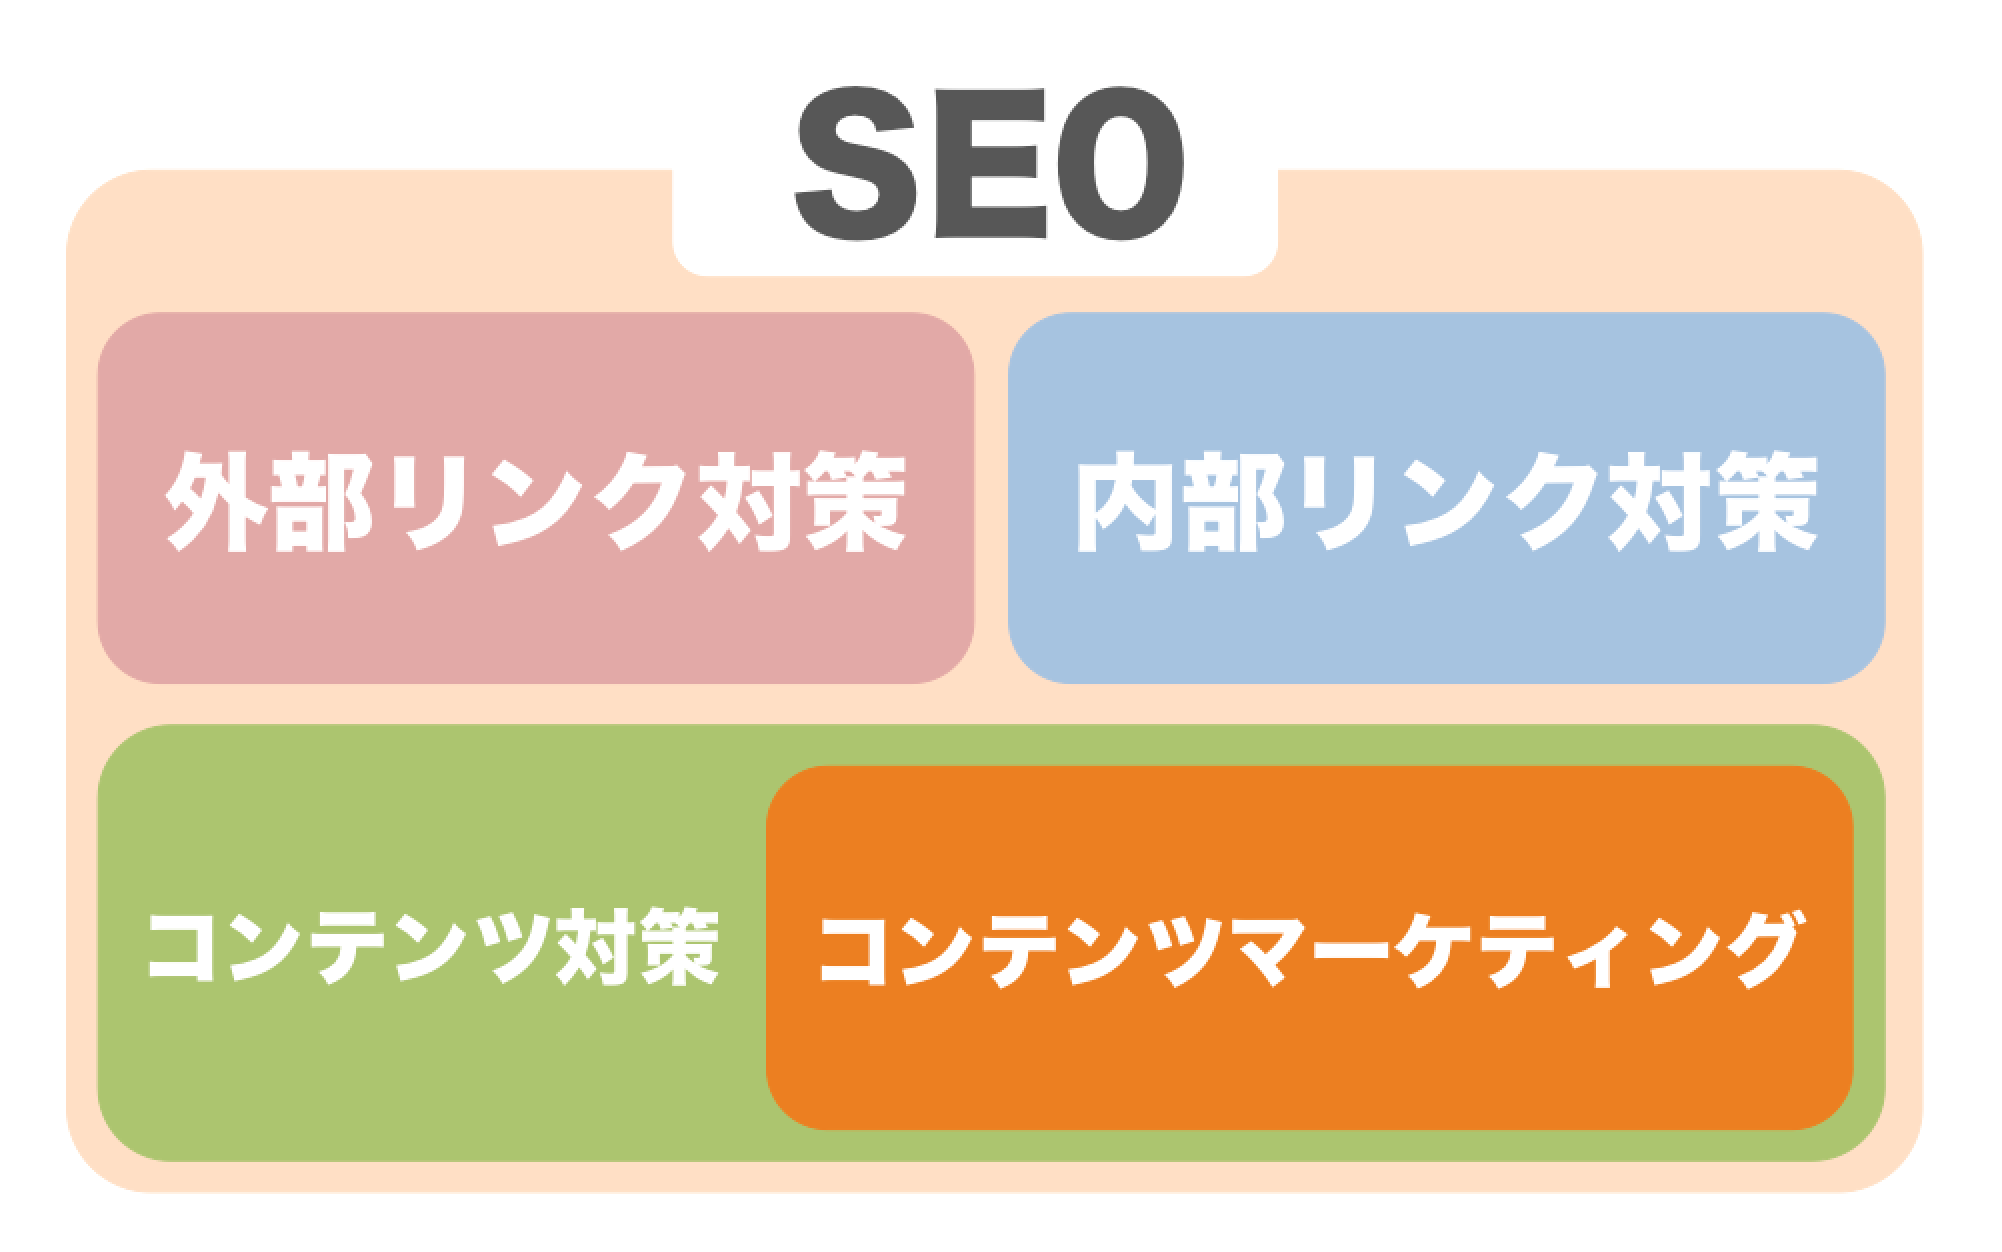 SEOの一部手法としてのコンテンツマーケティングの発生